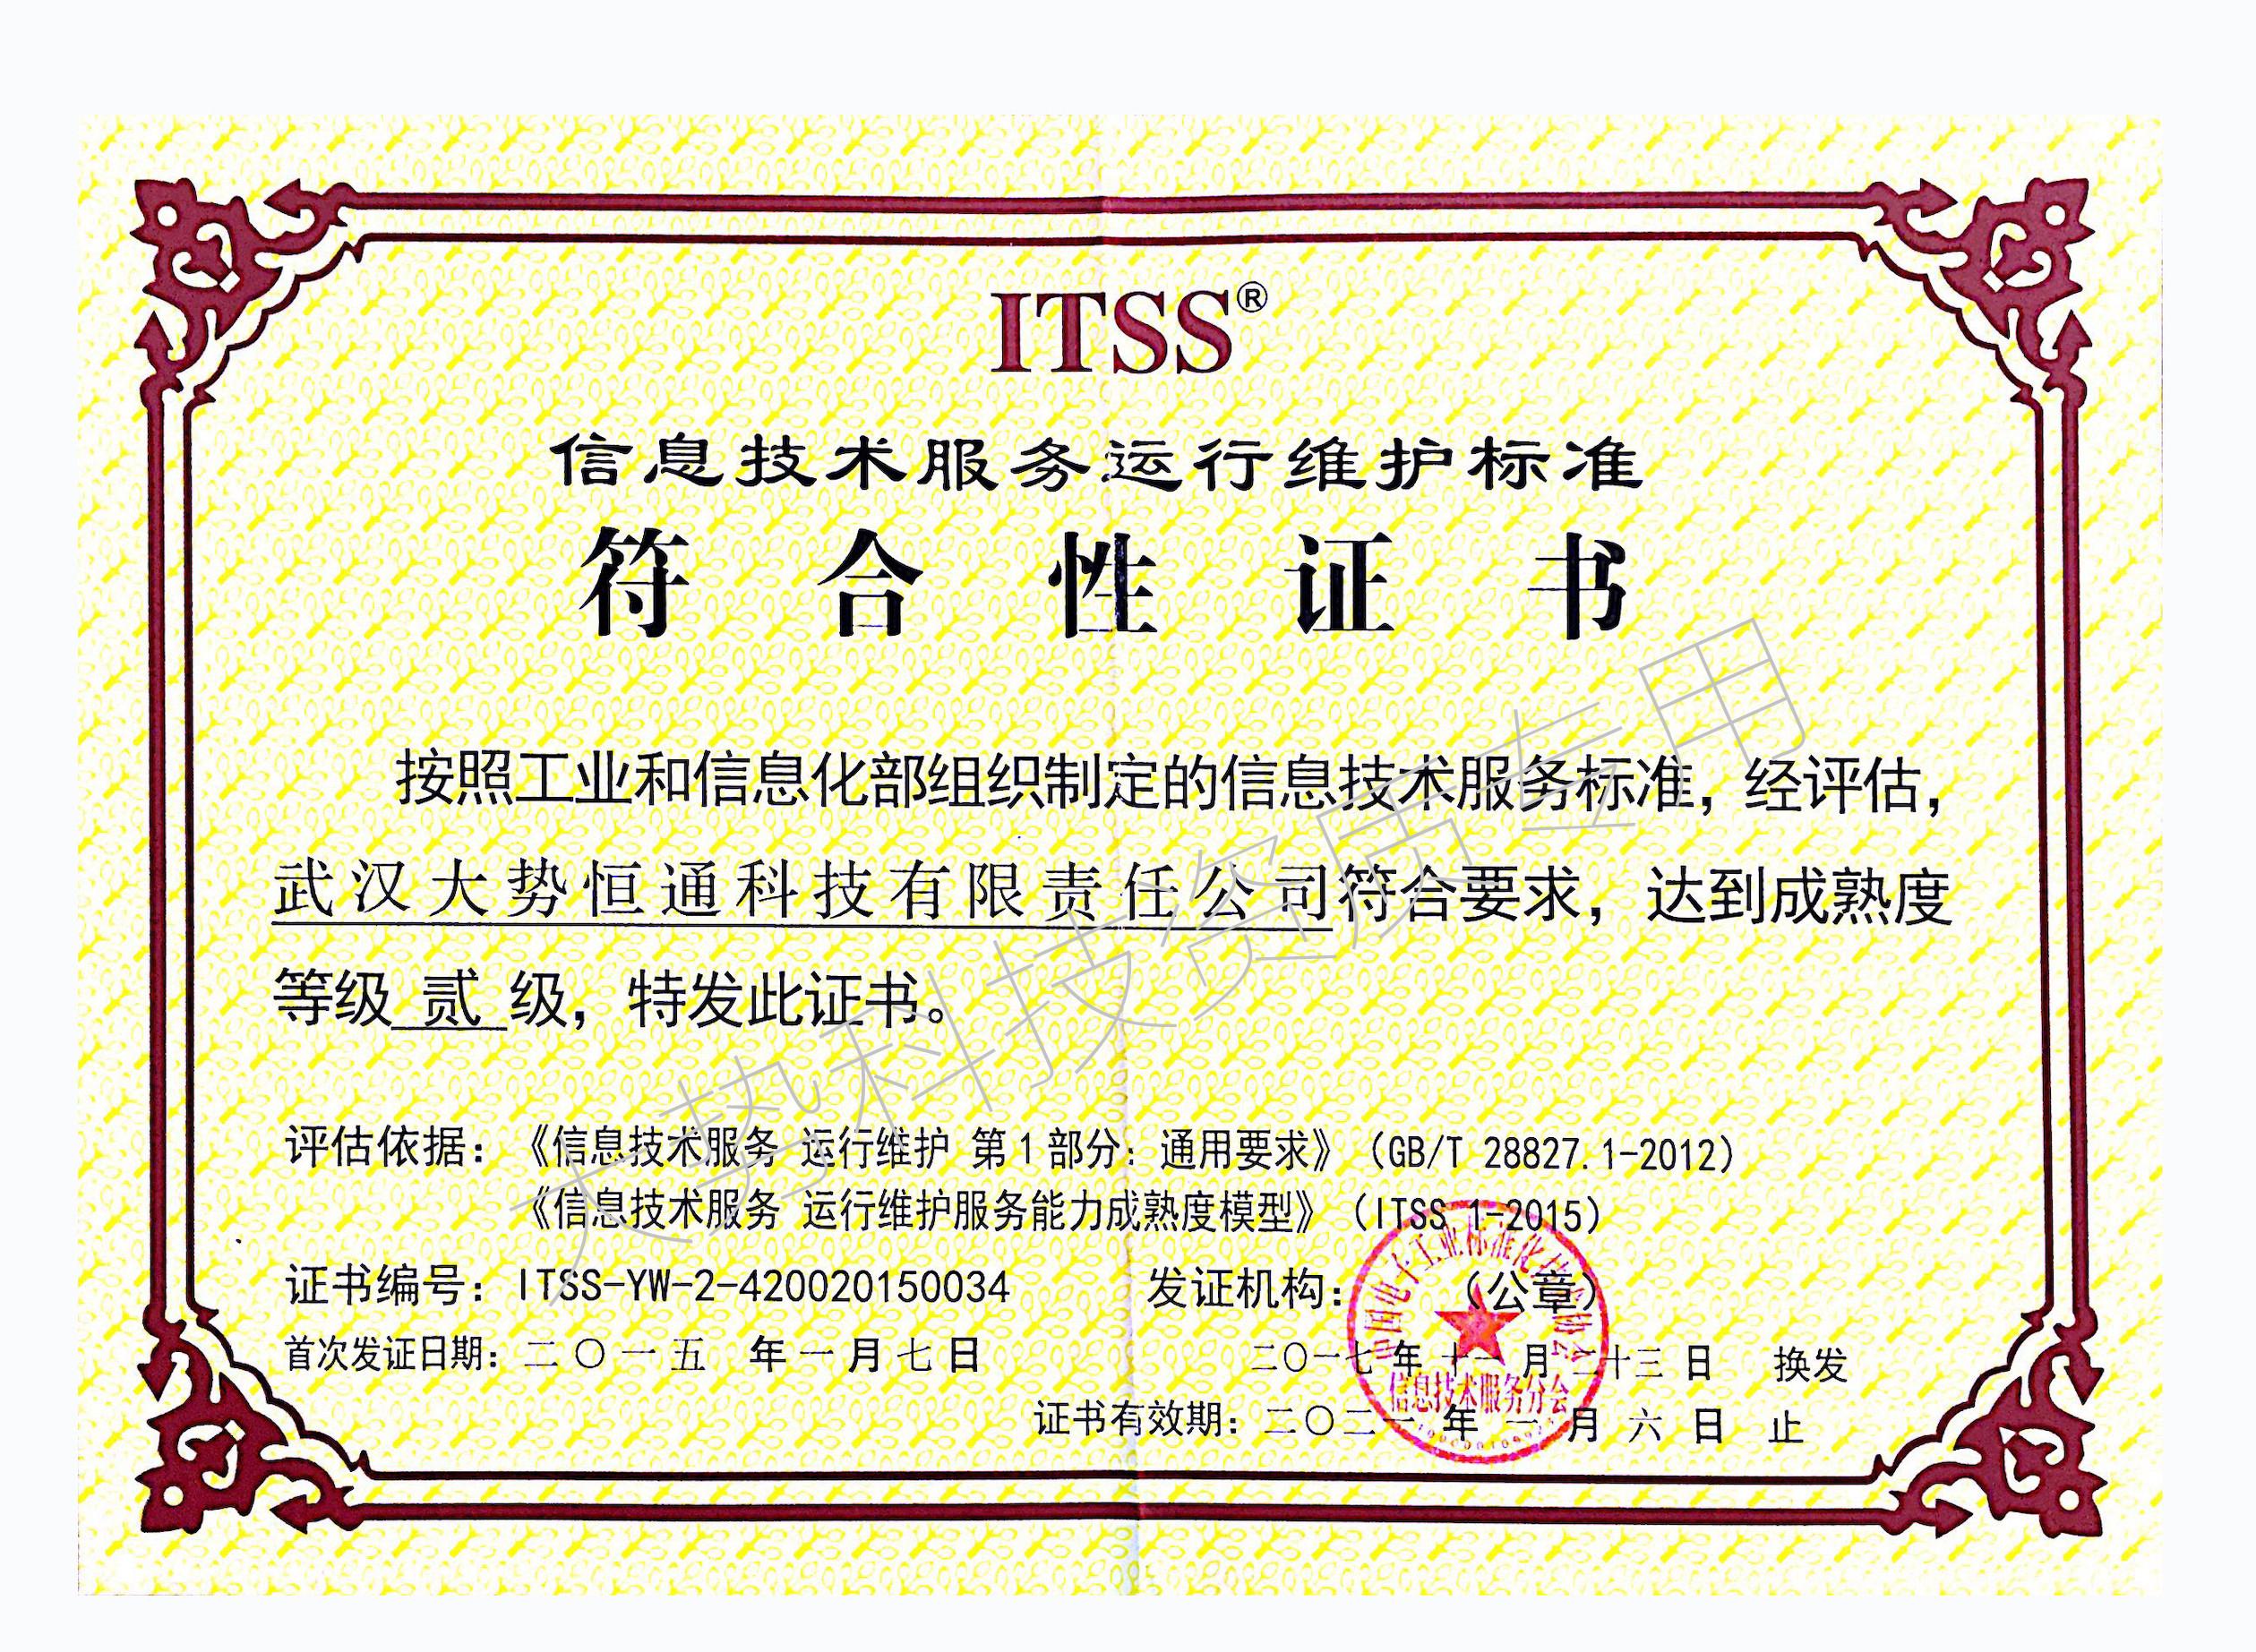 新建文件夹-ITSS证书正本-2017.11.23至2021.1.6